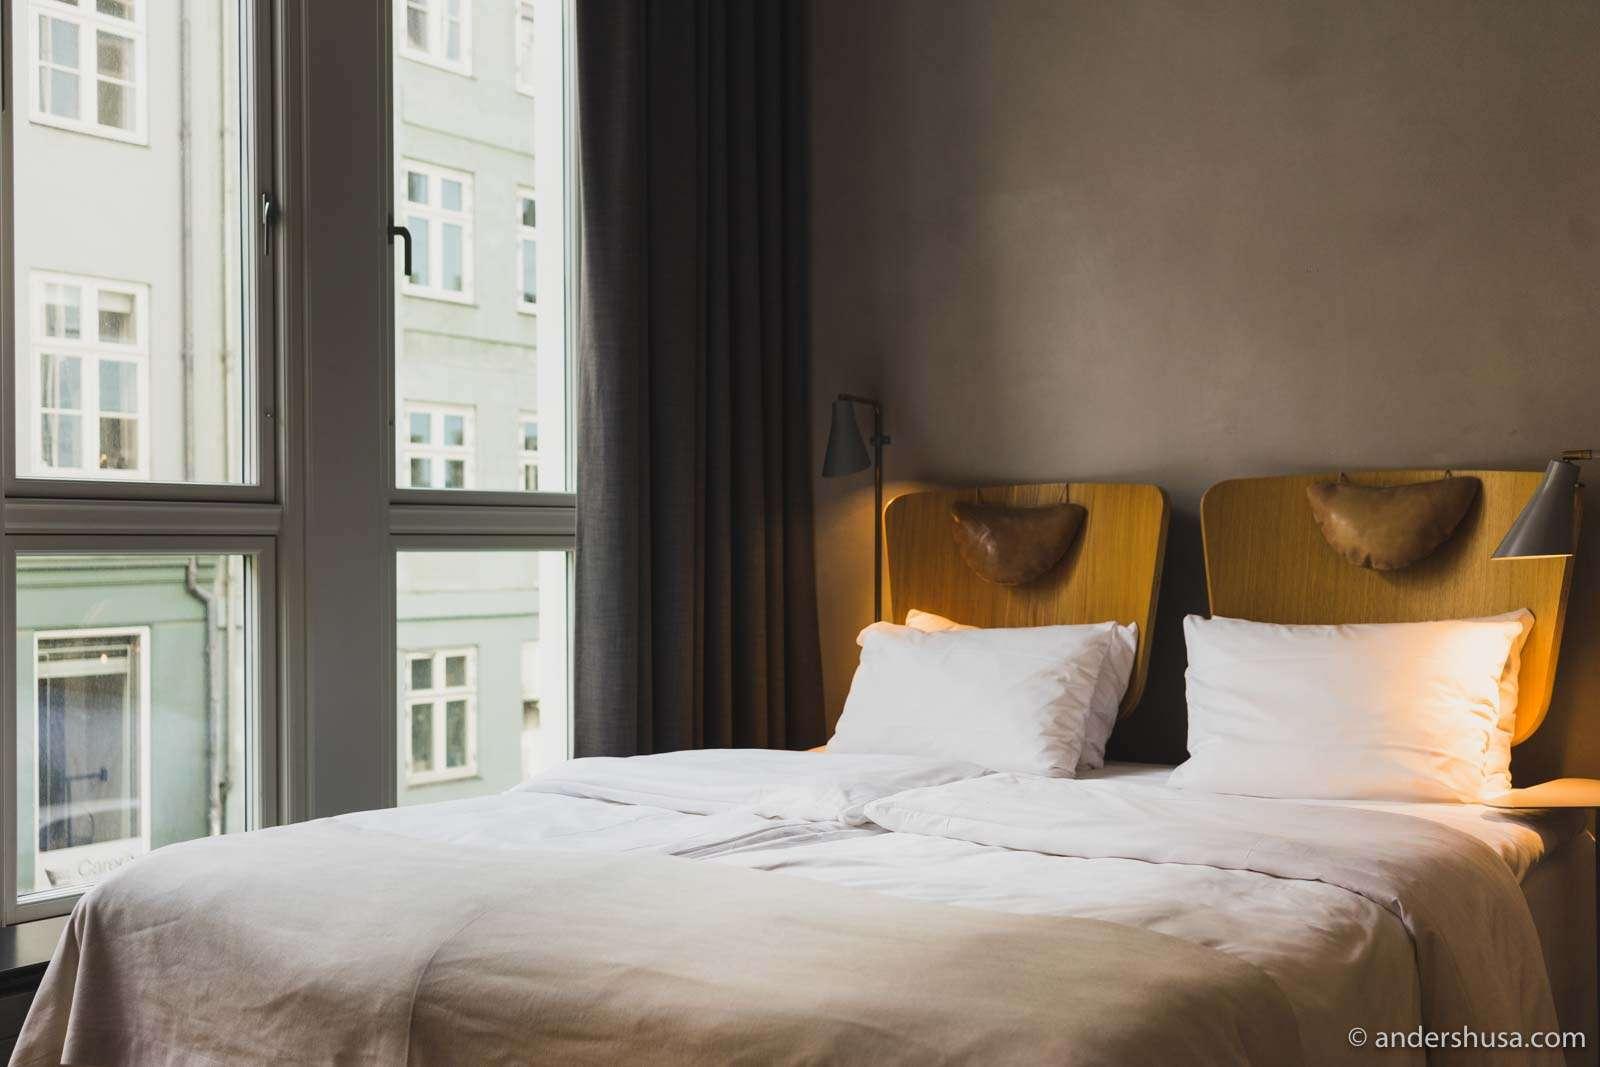 Hotel sp34 in copenhagen andershusa for Design boutique hotels copenhagen